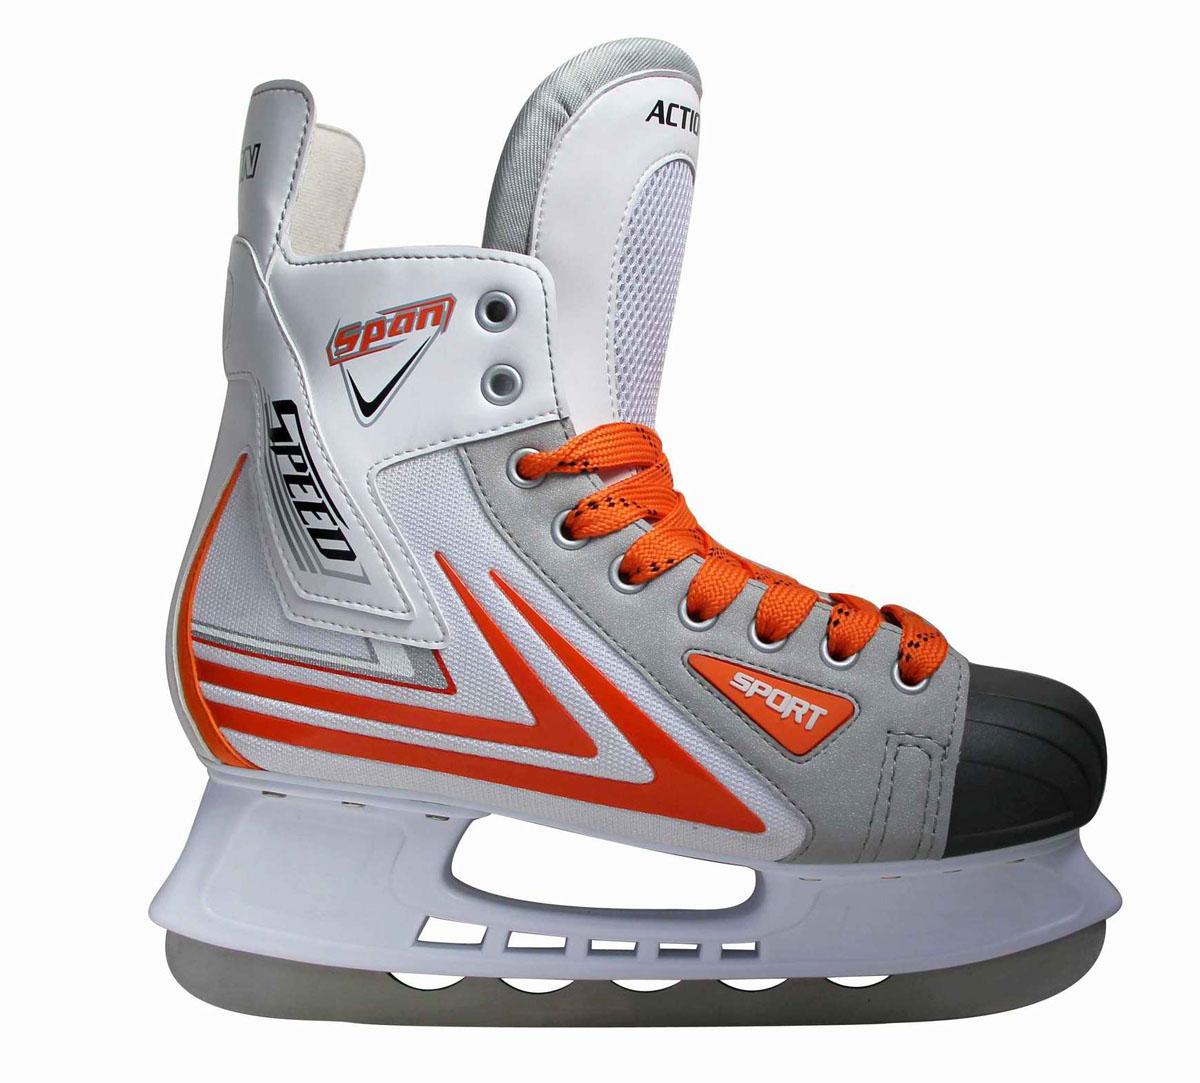 Коньки хоккейные Action, цвет: белый, красный. PW-217. Размер 46 роликовые коньки action pw 120p m 35 38 pink